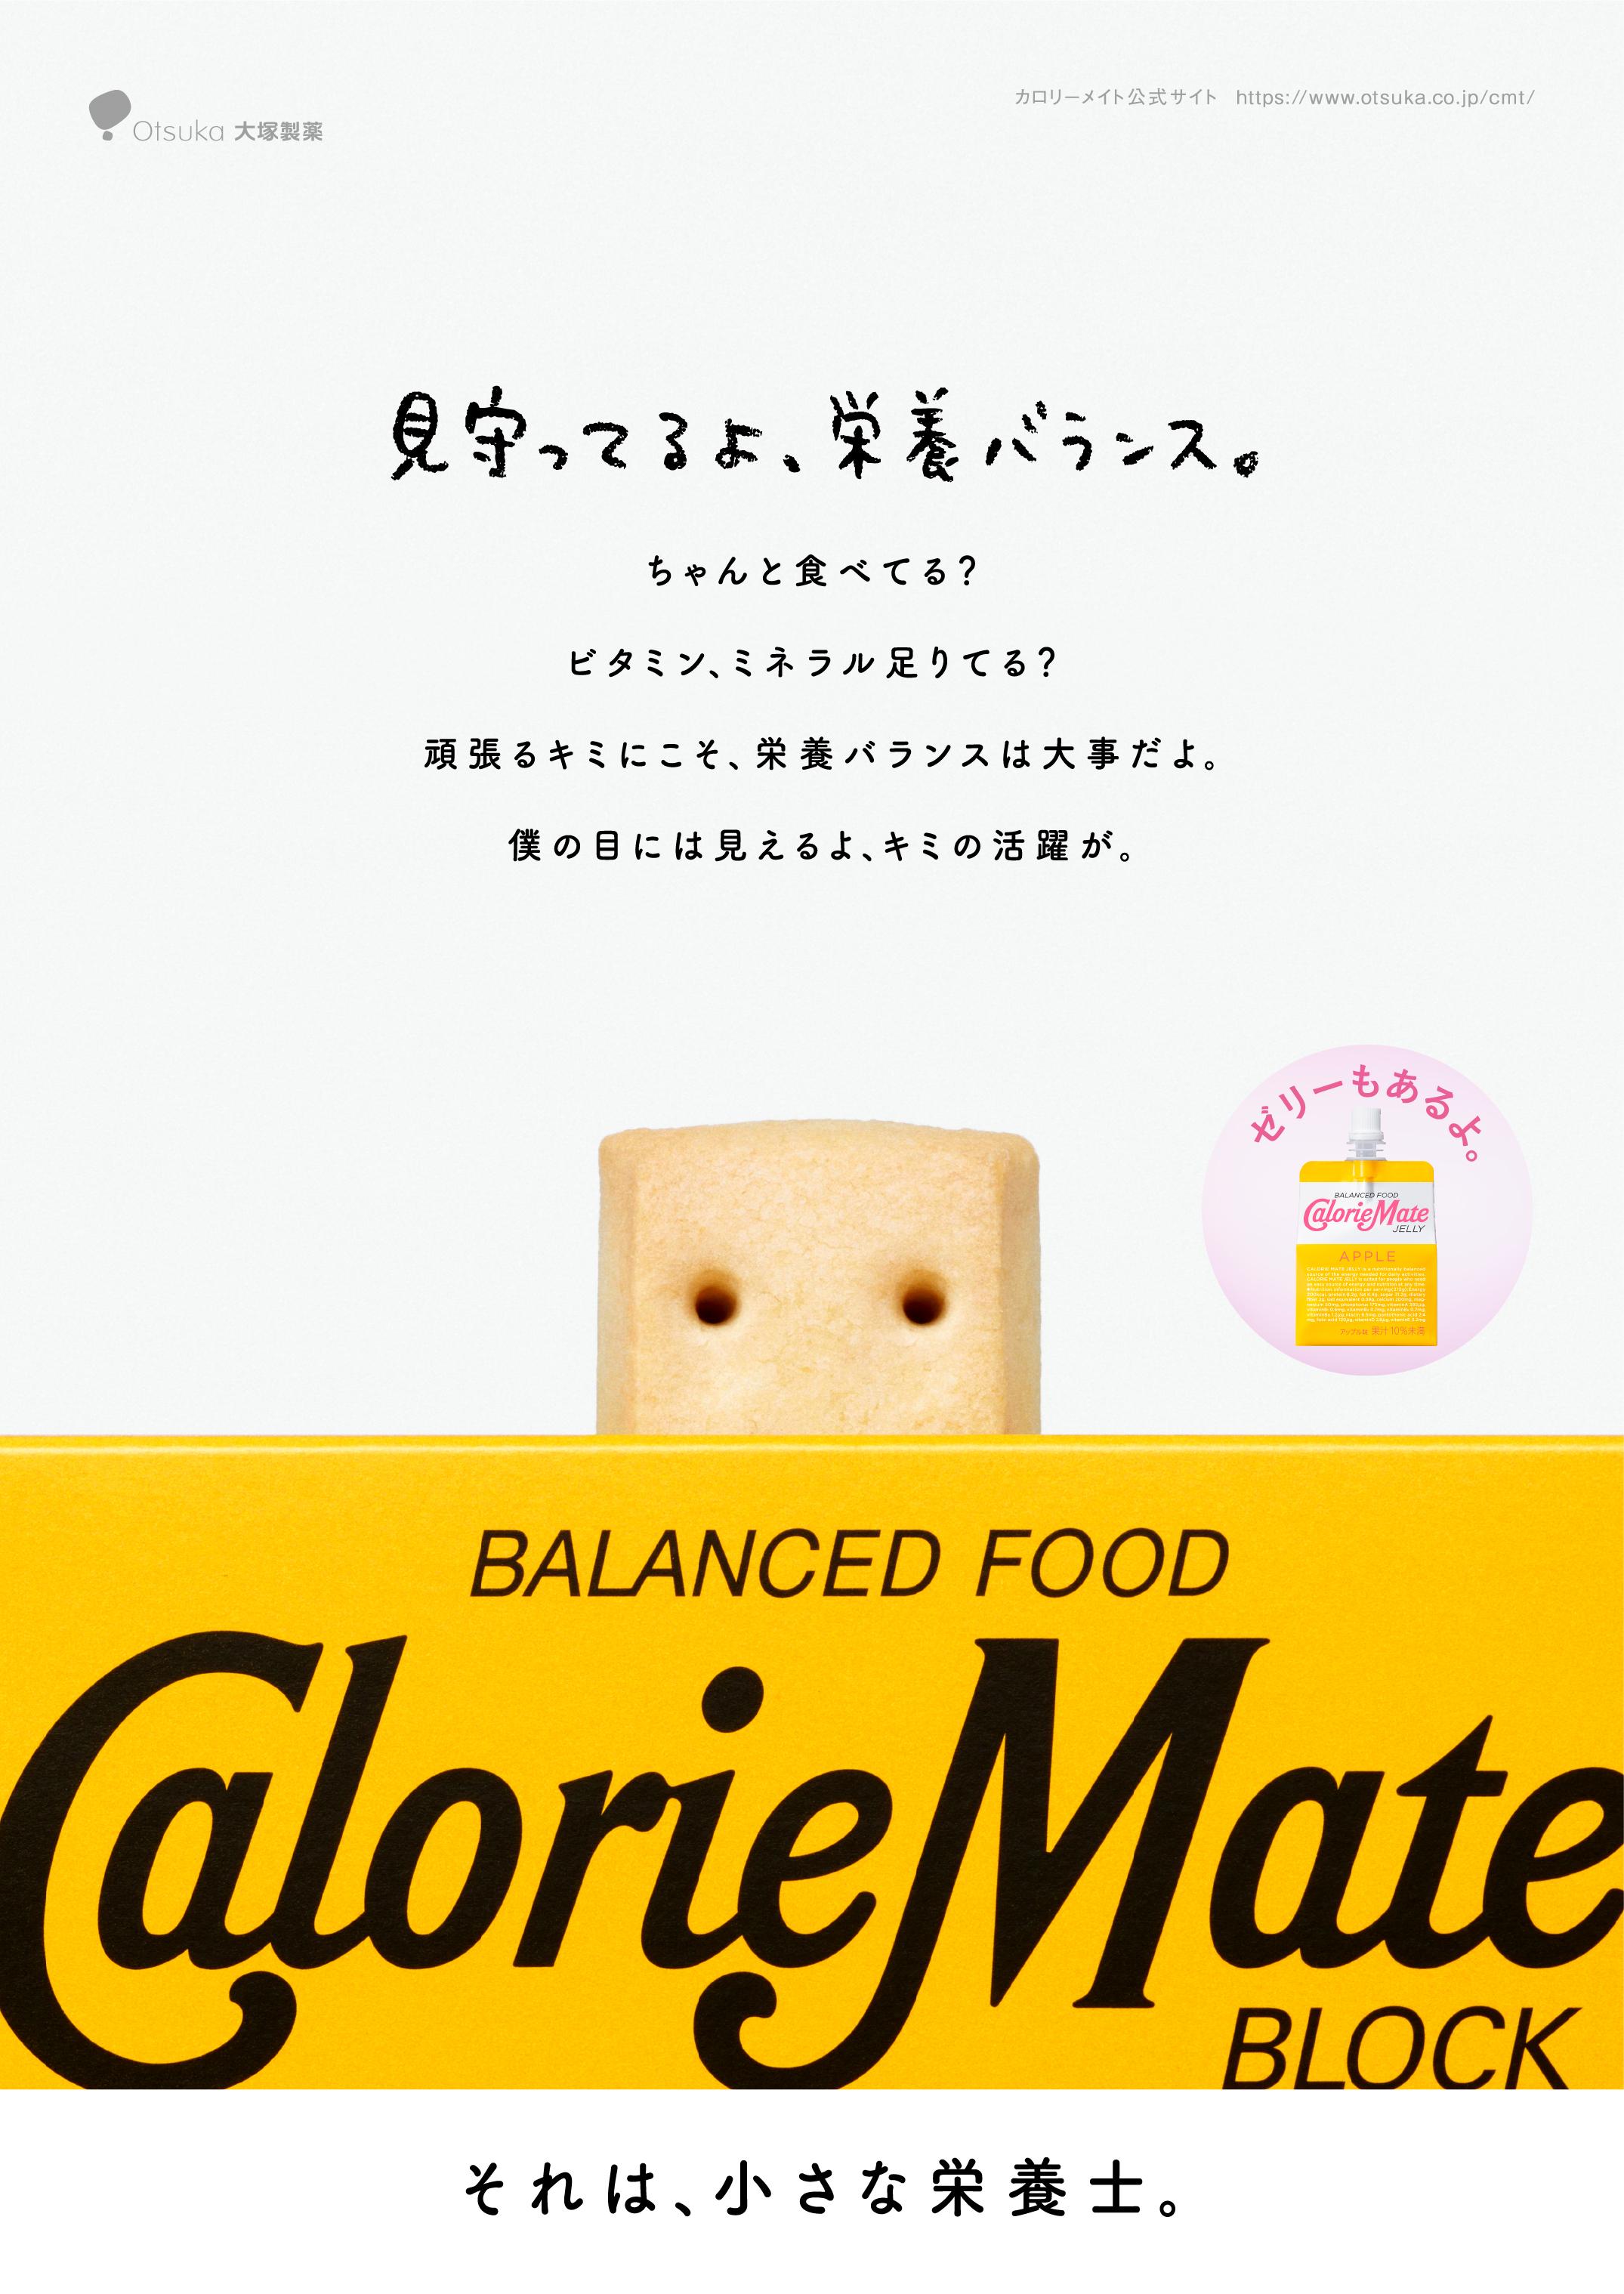 大塚製薬広告